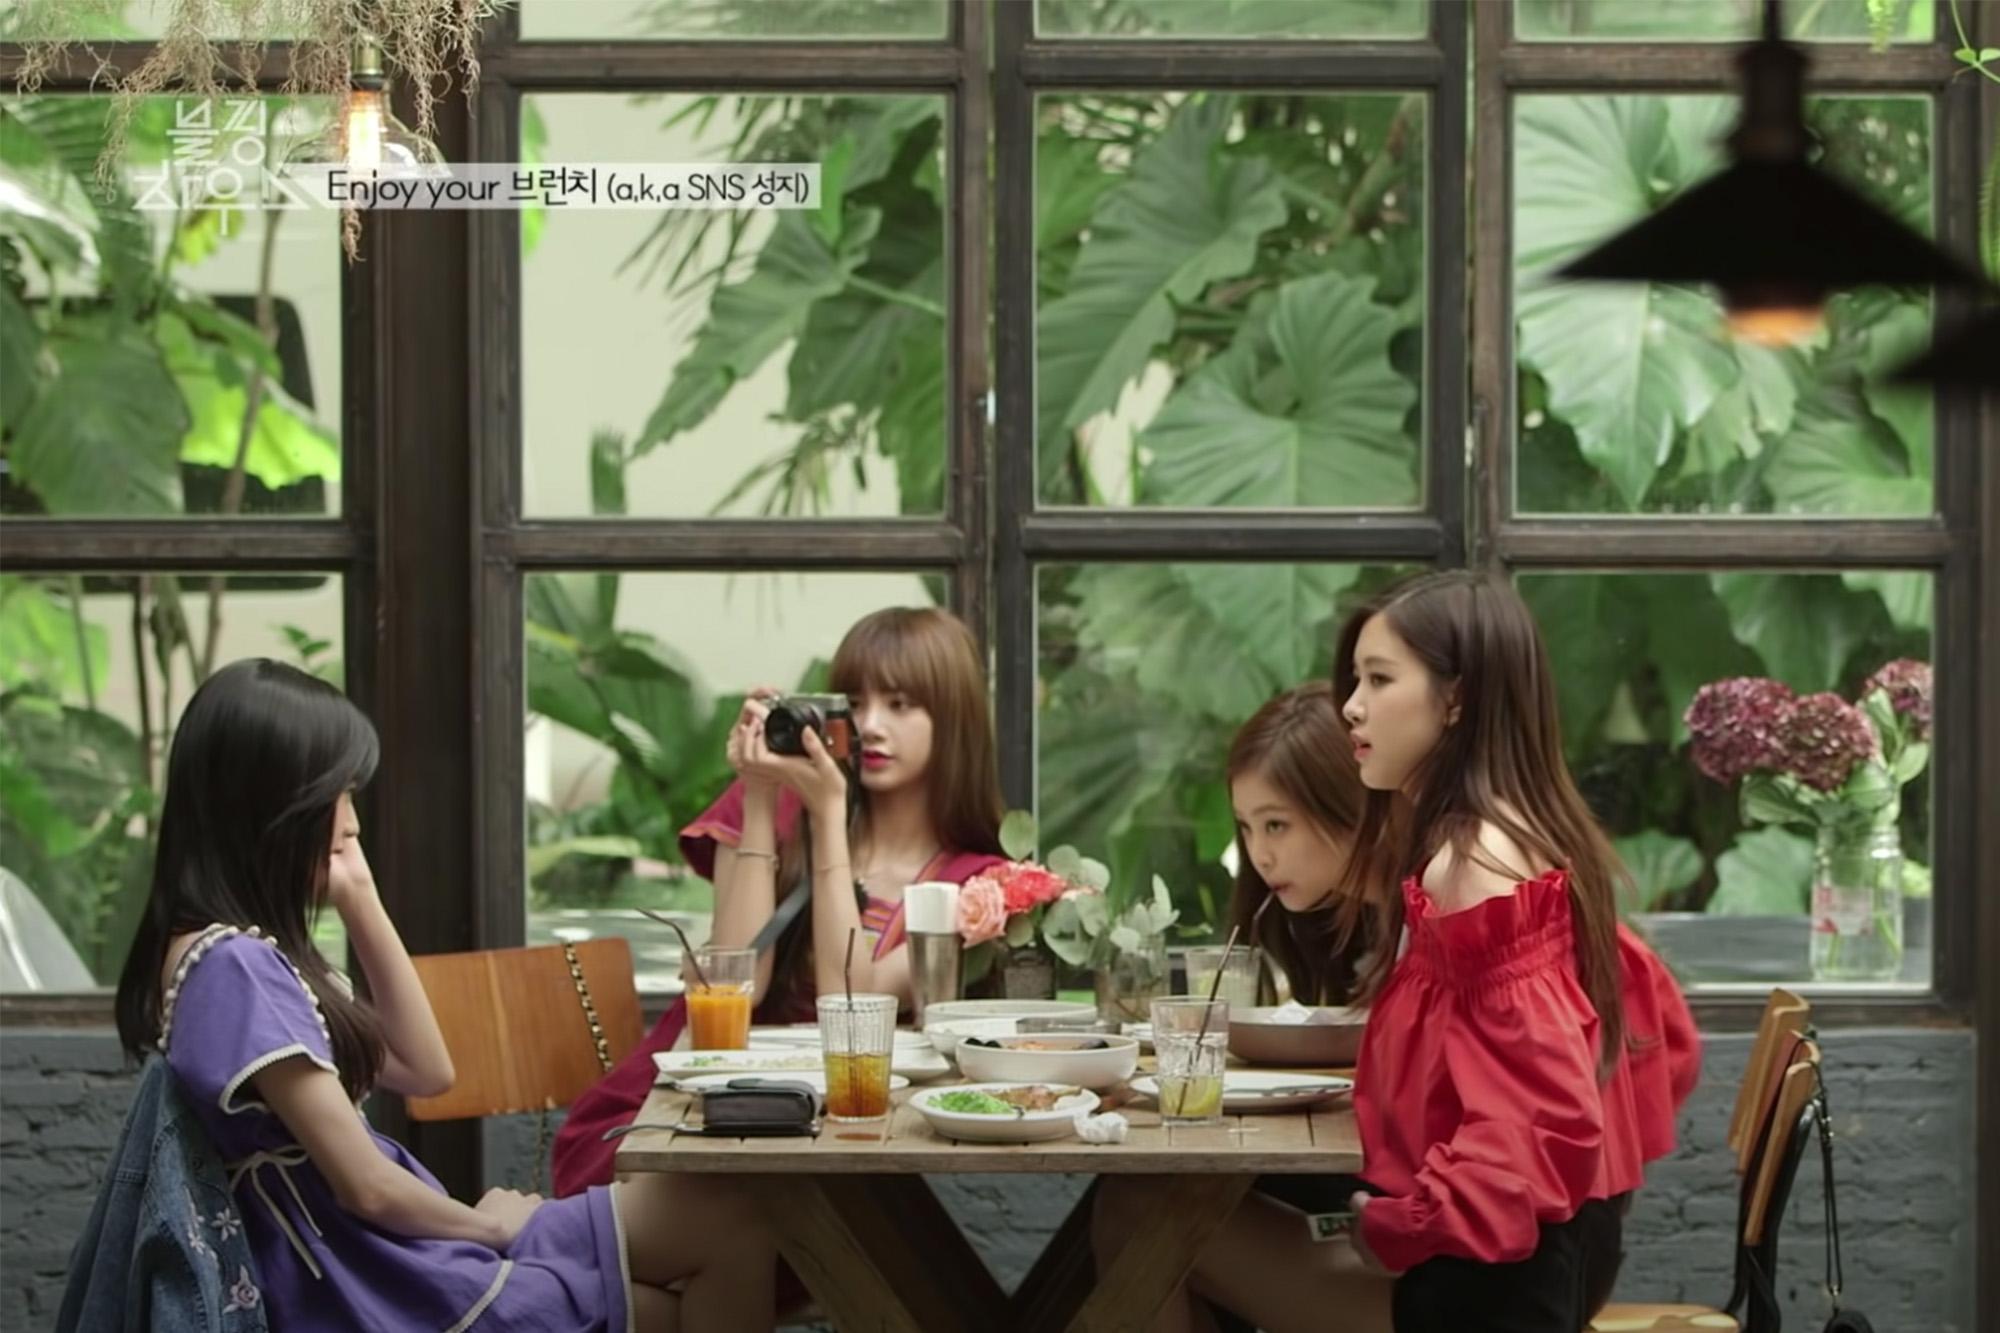 【曼谷自由行】跟著Blackpink House泰國特輯,打卡曼谷景點、